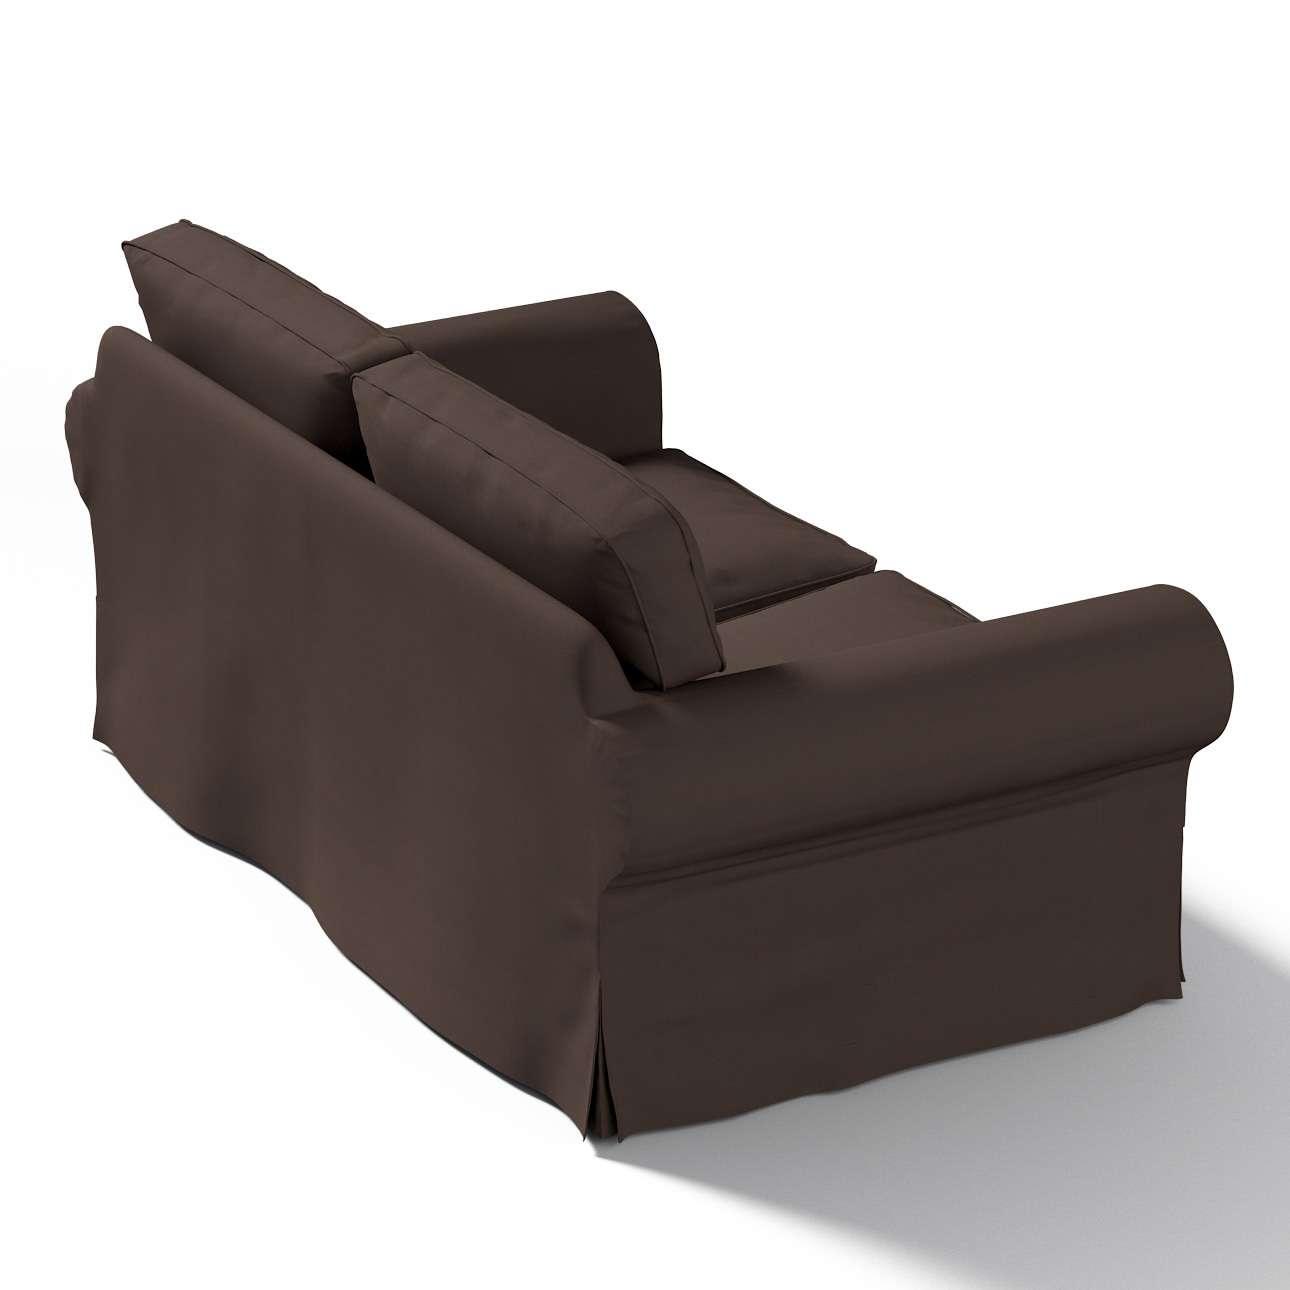 Pokrowiec na sofę Ektorp 2-osobową, rozkładaną STARY MODEL Sofa Ektorp 2-osobowa rozkładana w kolekcji Cotton Panama, tkanina: 702-03